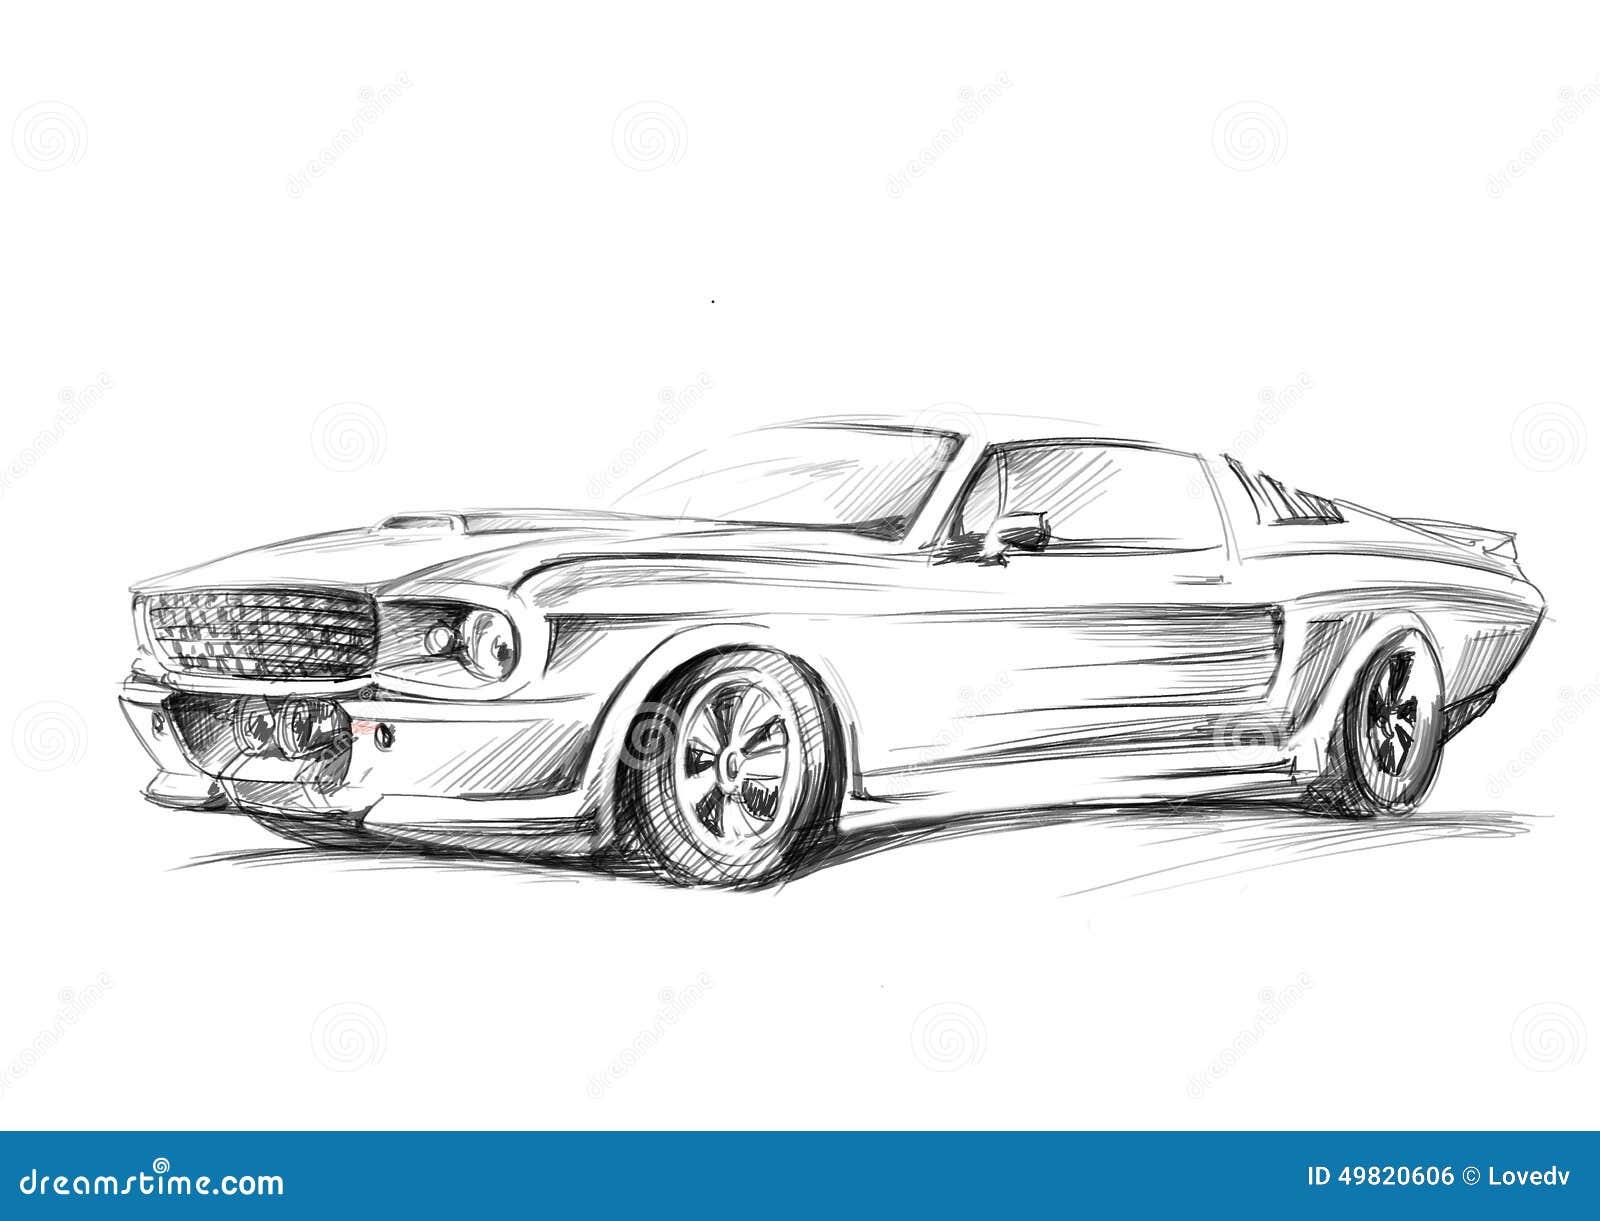 un croquis d 39 une voiture illustration stock image 49820606. Black Bedroom Furniture Sets. Home Design Ideas